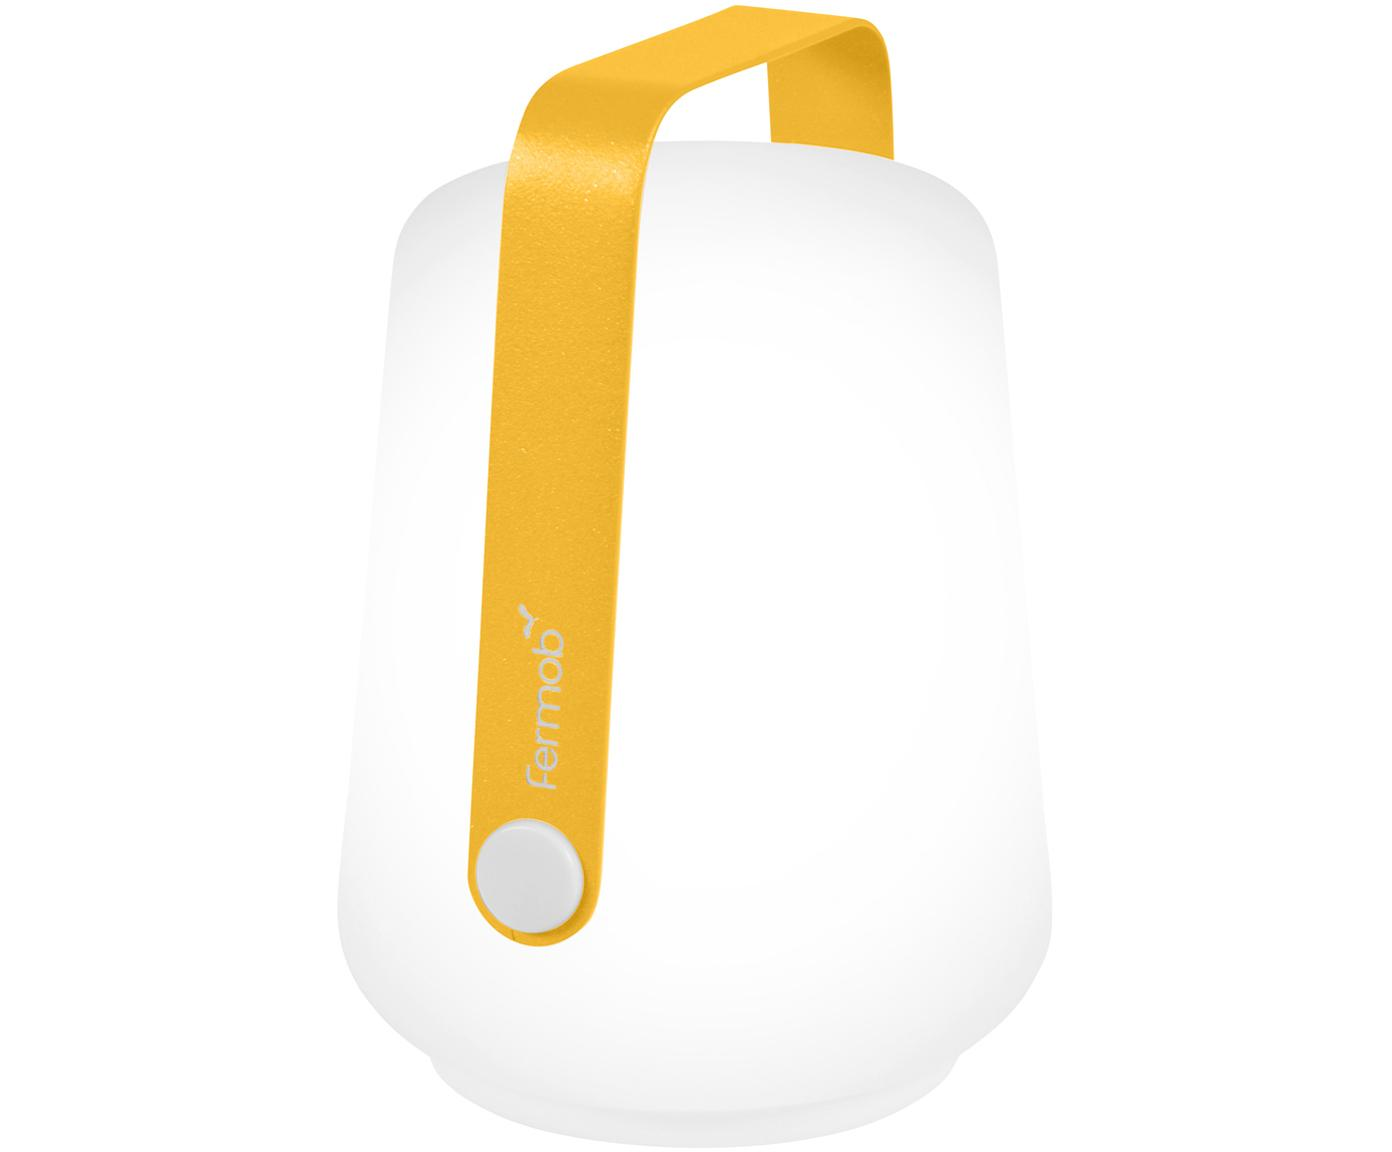 Zewnętrzna lampa mobilna LED Balad, 3 szt., Żółty, Ø 10 x W 13 cm